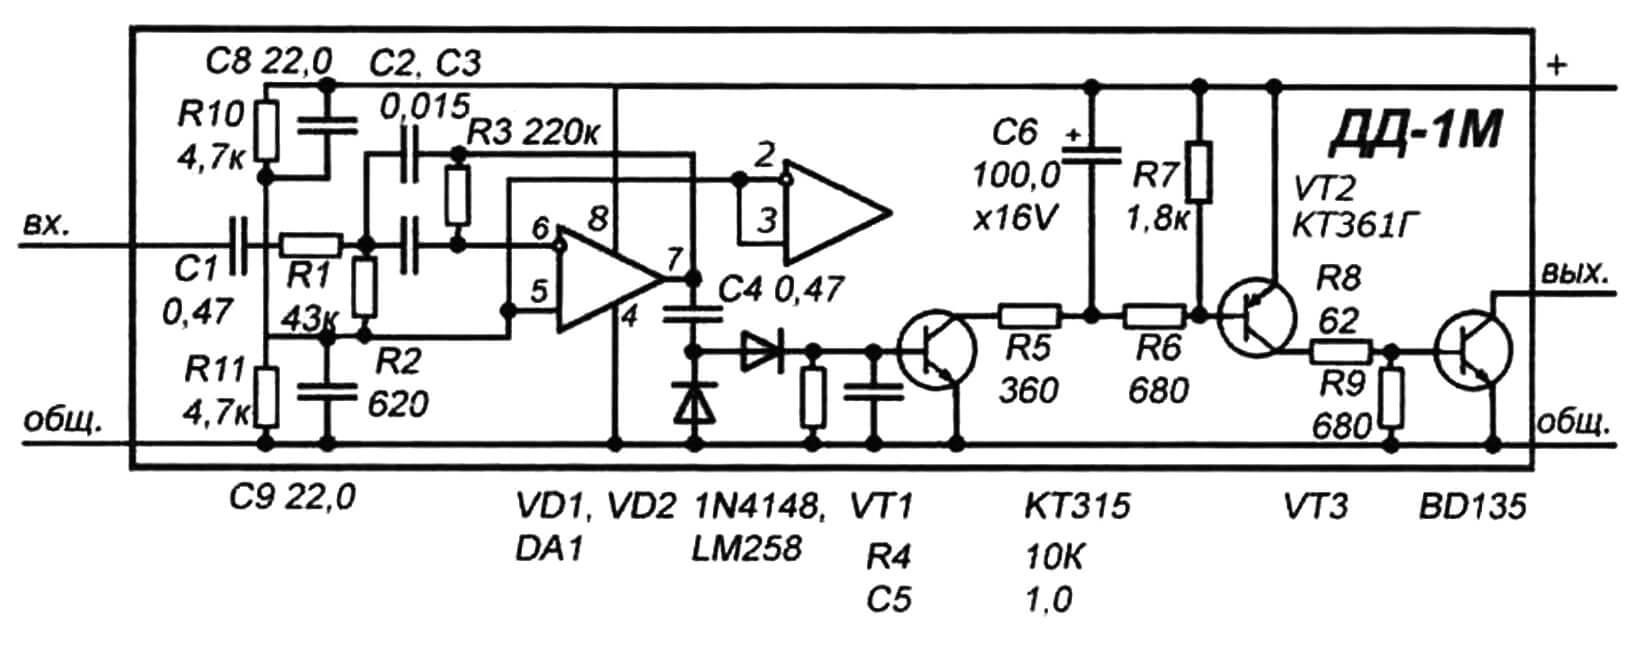 Модуль ДД-1М. Схема принципиальная